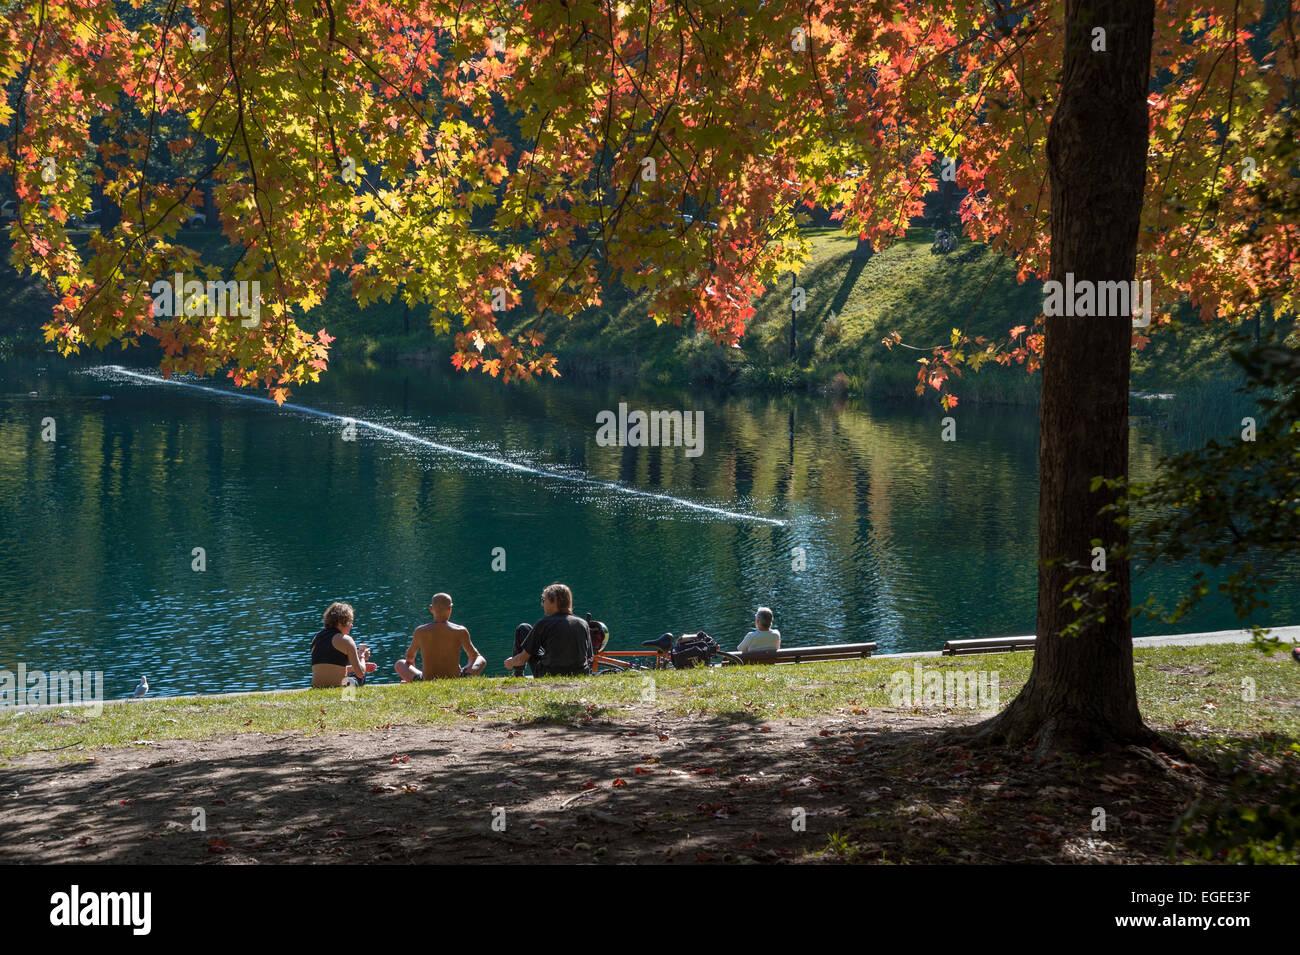 Un groupe de gens assis sur l'herbe, en face du très beau lac, à l'automne, dans le Parc Lafontaine Photo Stock